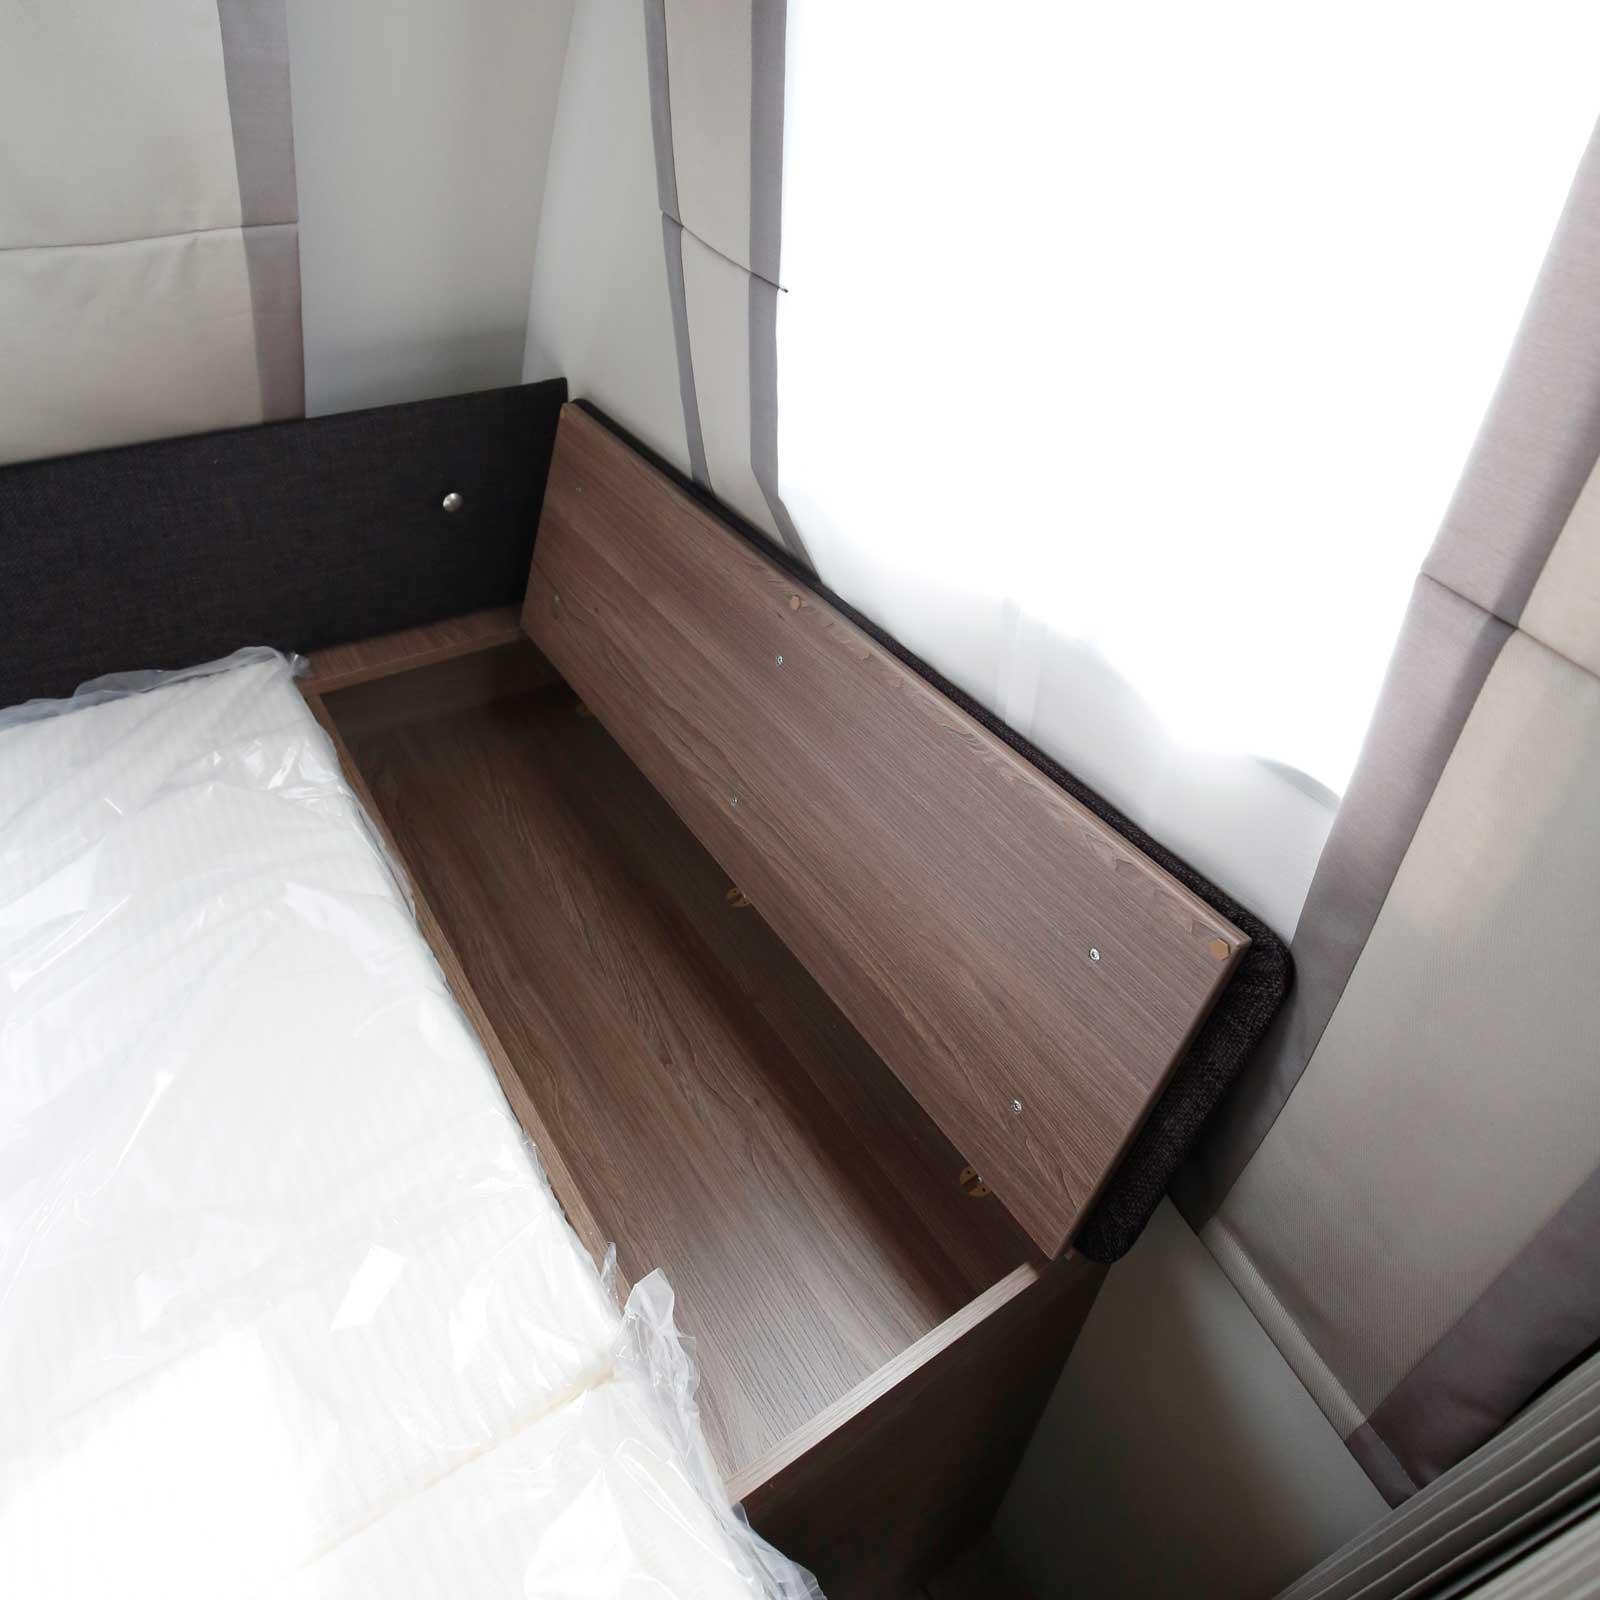 Förvaring finns också vid sängens fotände.